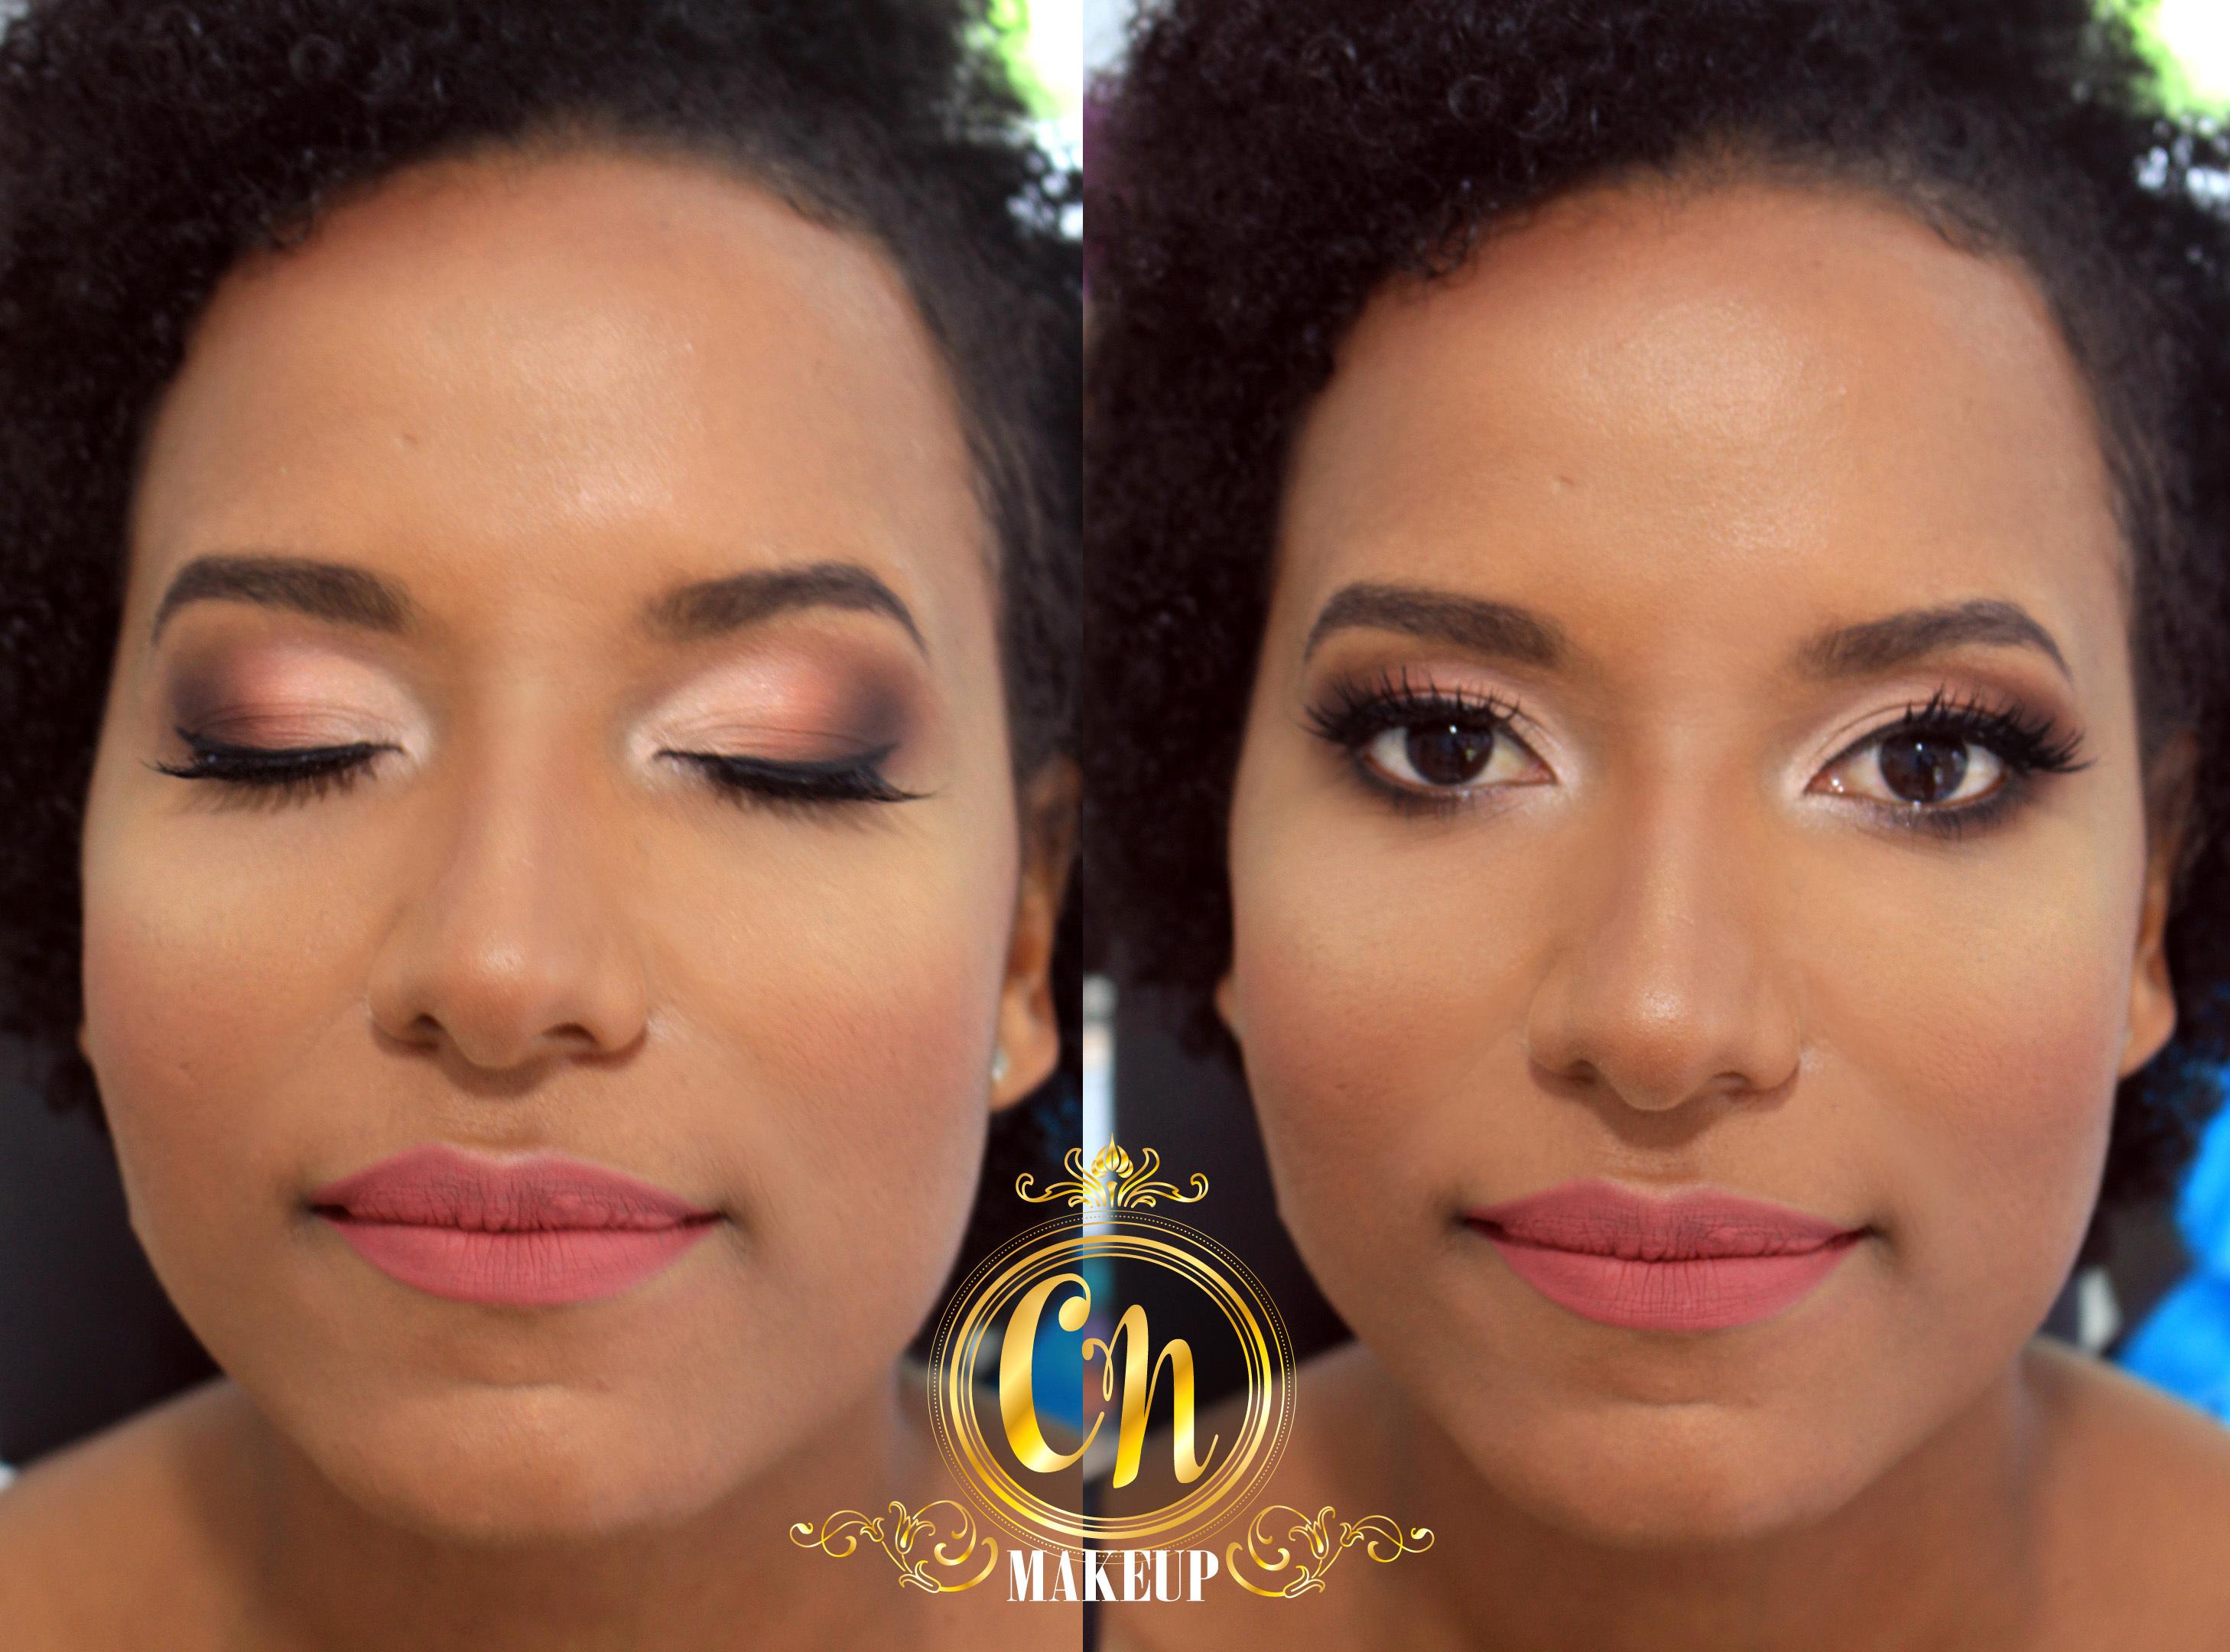 Maquiagem para formanda, tons neutros! Pele negra incrível!  #pelenegra #maquiagem #maquiadoraubatuba #formaturaubatuba #maquiagemformandas maquiagem maquiador(a)